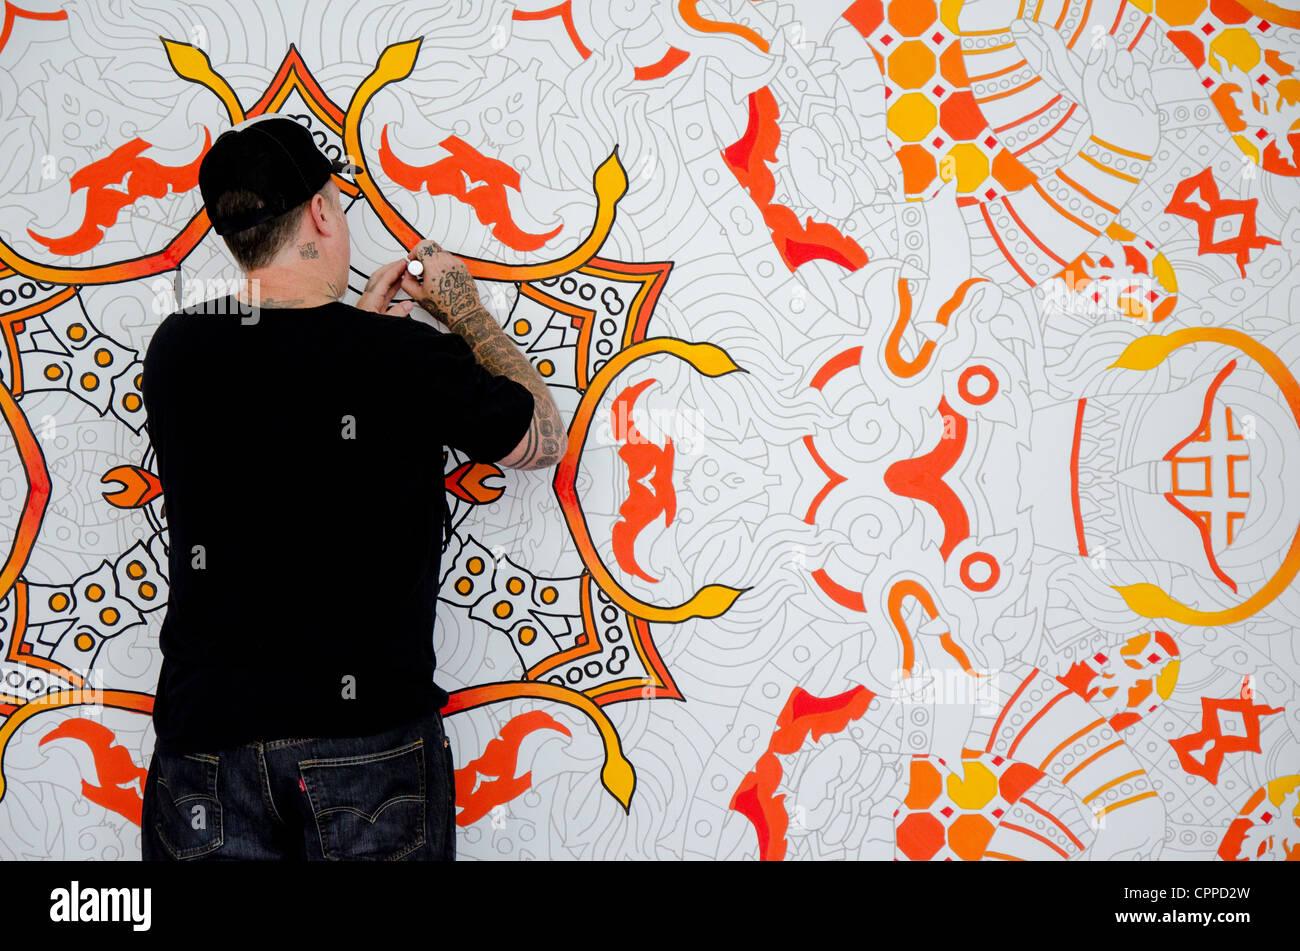 artista digital josué davis desenho em uma grande lona na offf